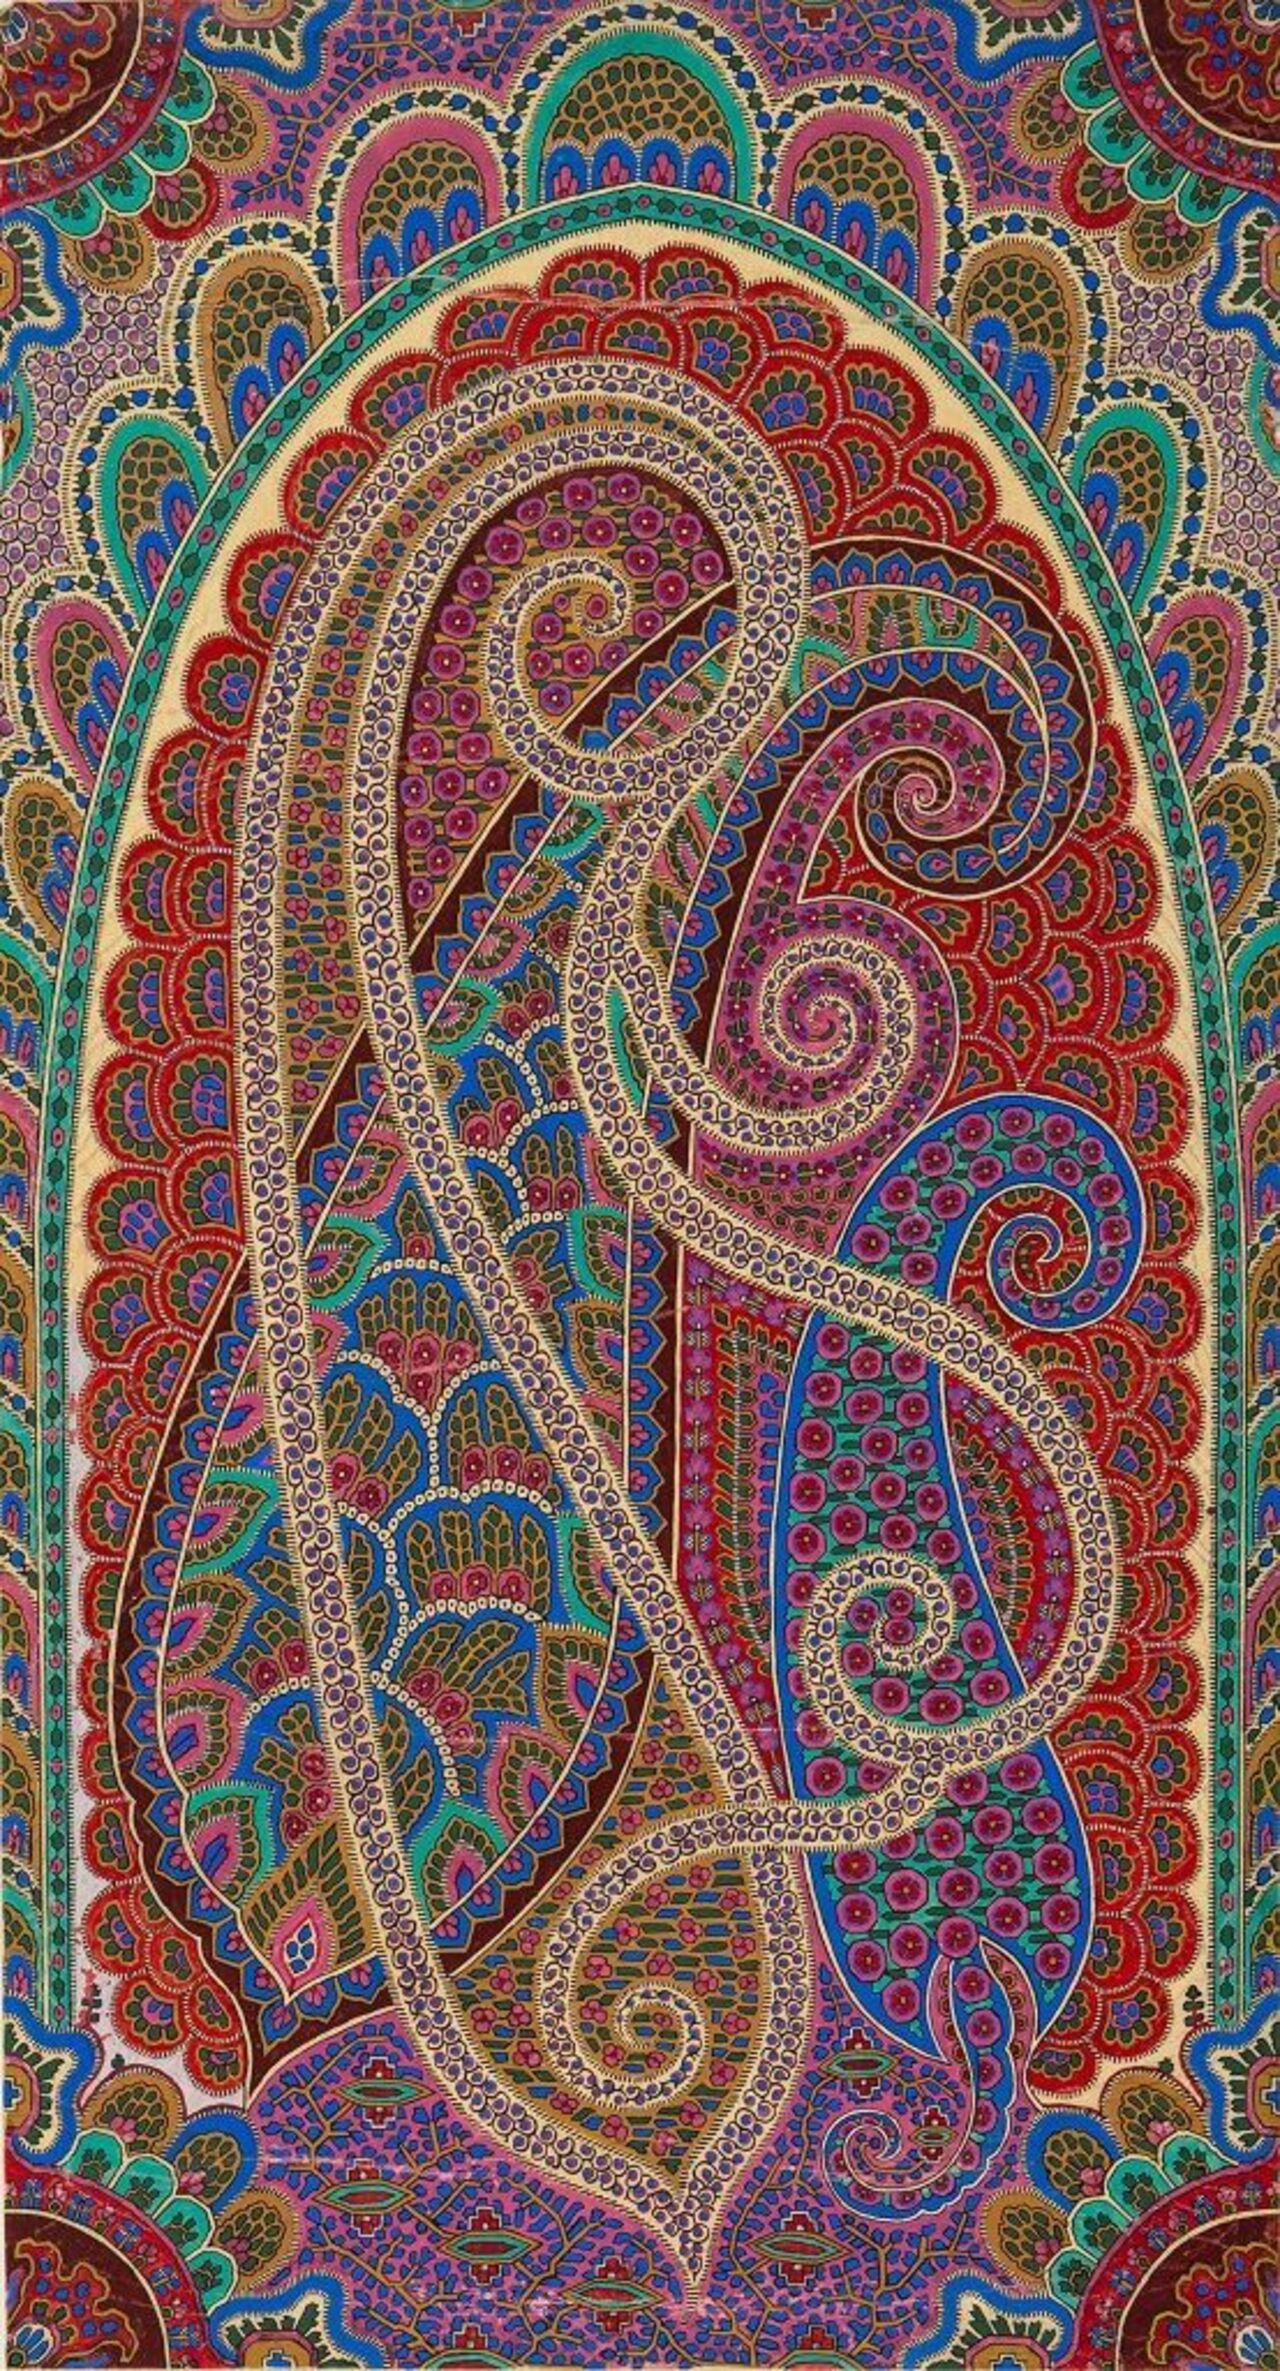 A close up sketch of a Paisley design.